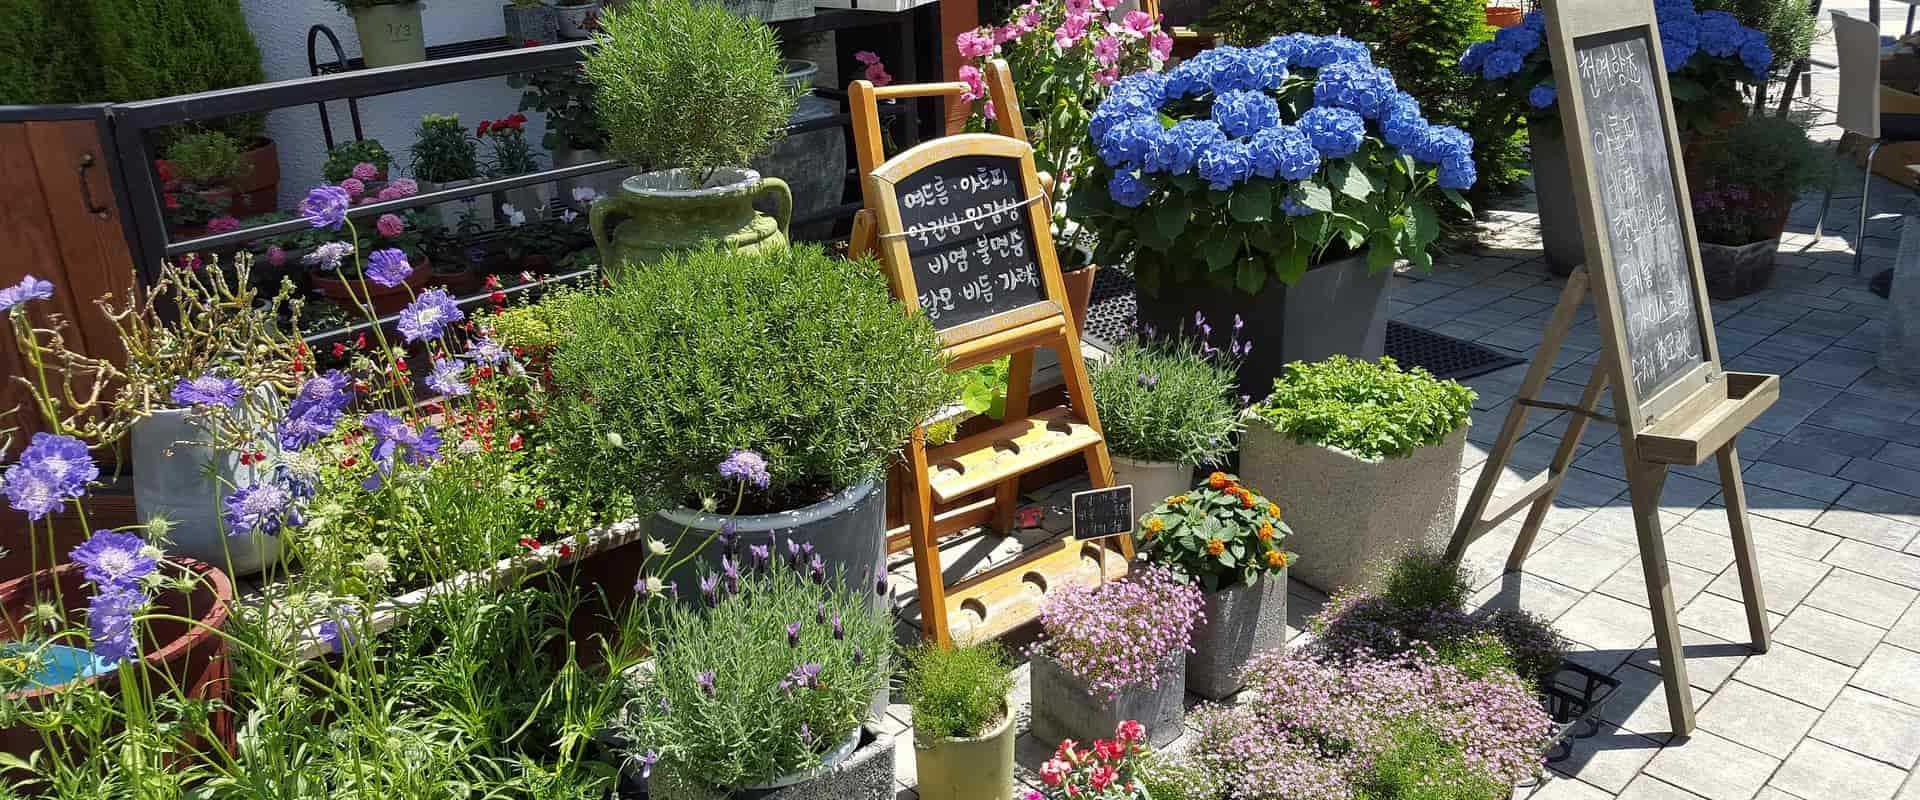 Mobiler Fahrverkauf für Blumengeschäfte